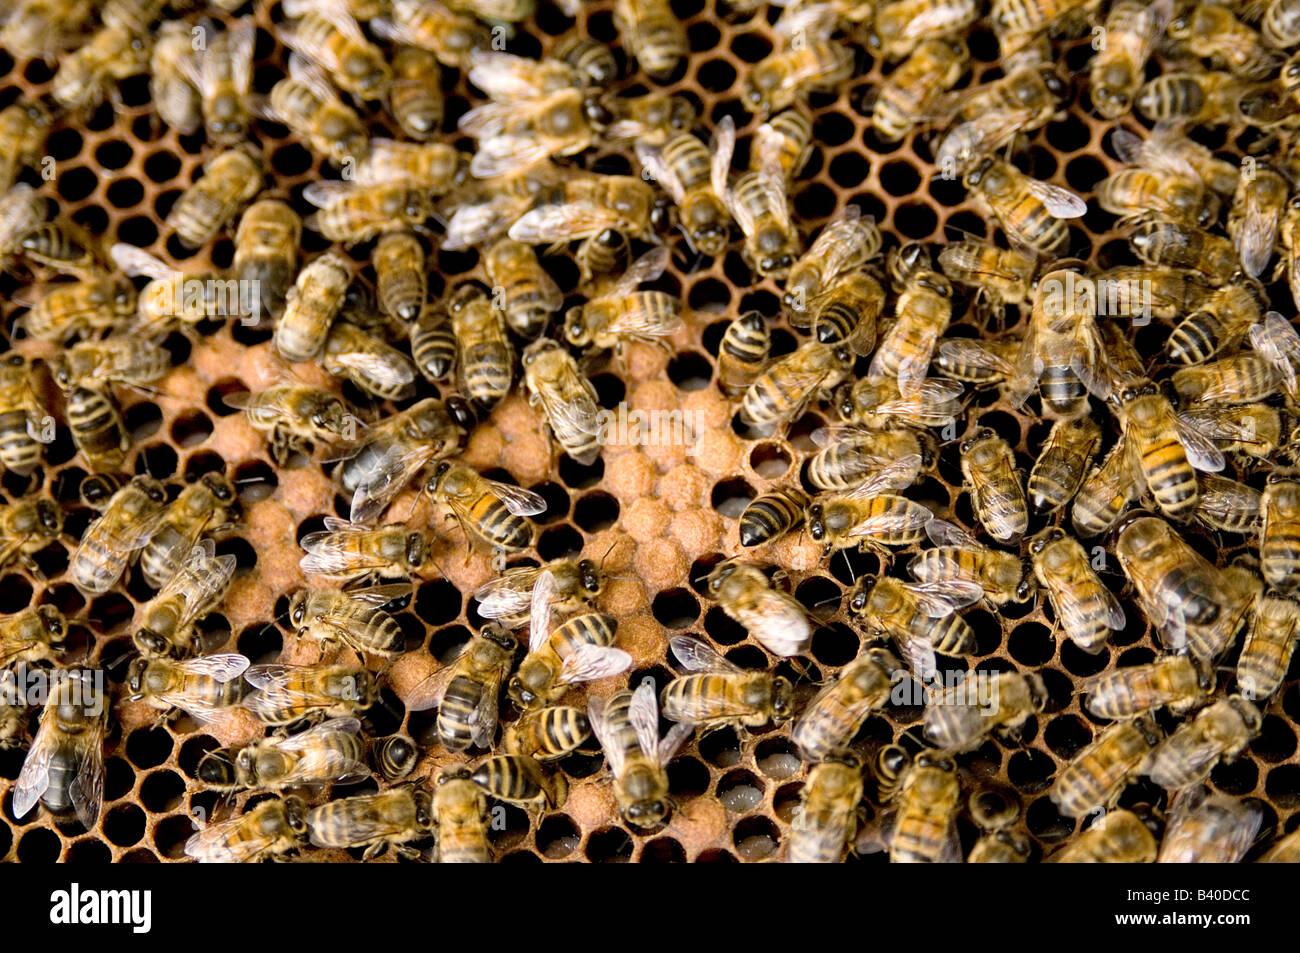 bee bees beekeeping keeping hive hives beehive beehives keeper beekeeper honey honeycomb queen swarm beesuit suit - Stock Image